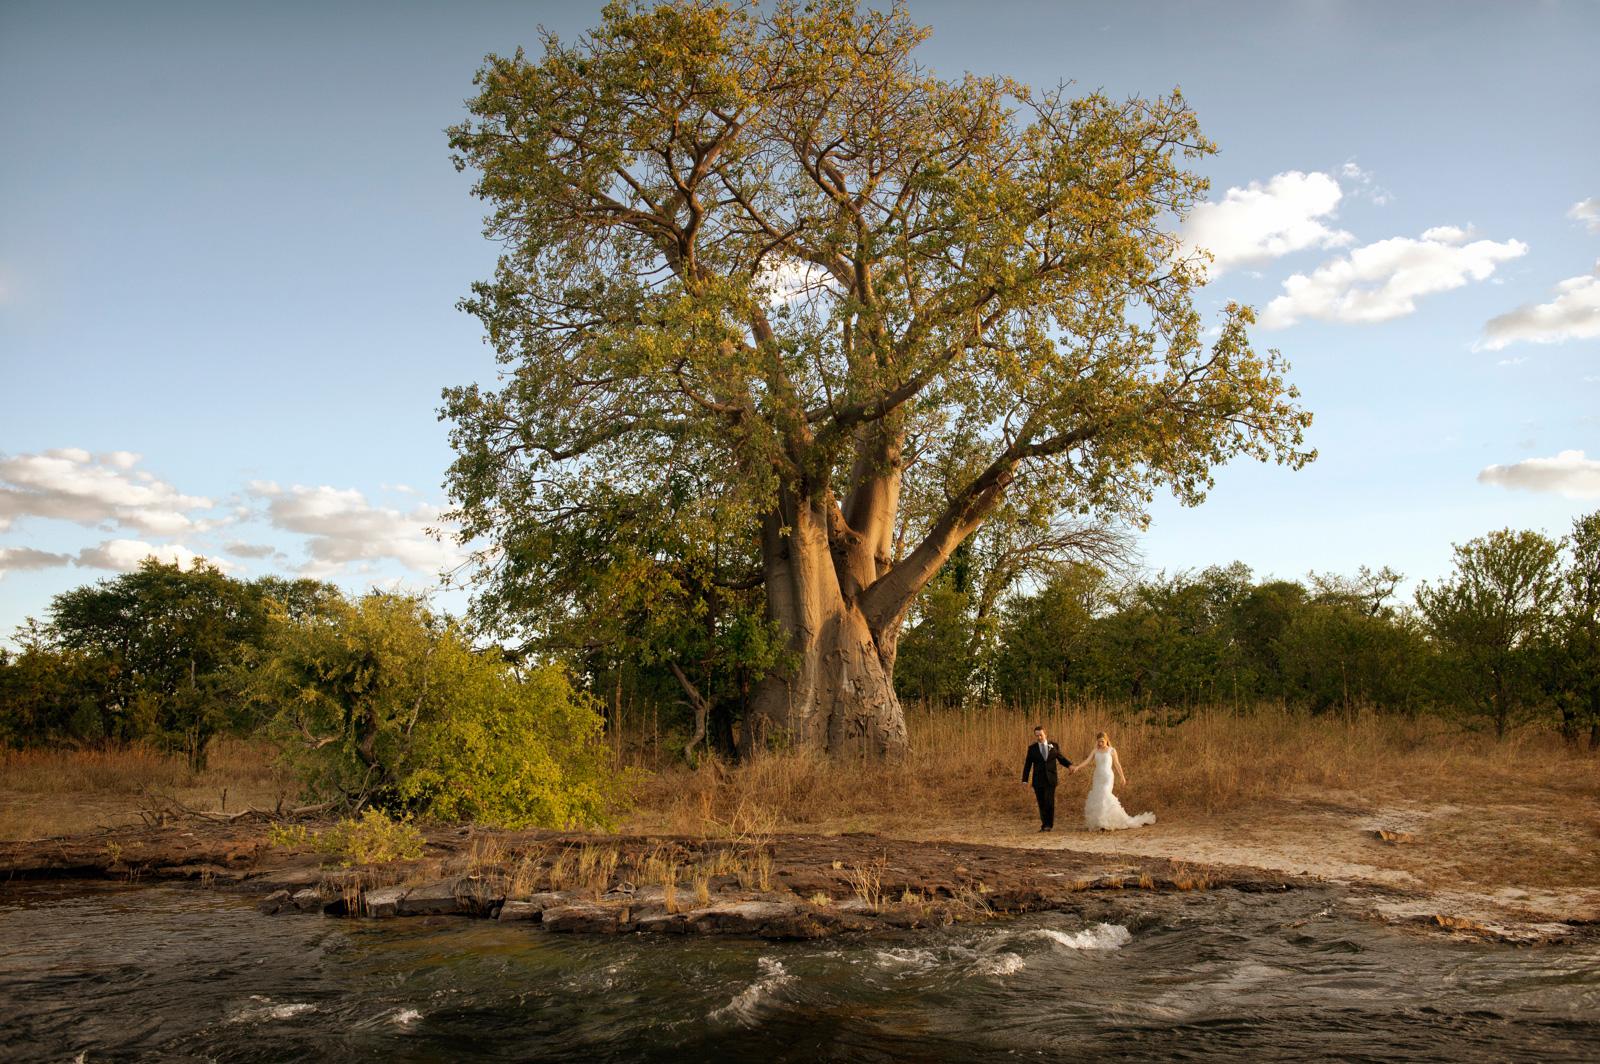 bride and groom in savannah